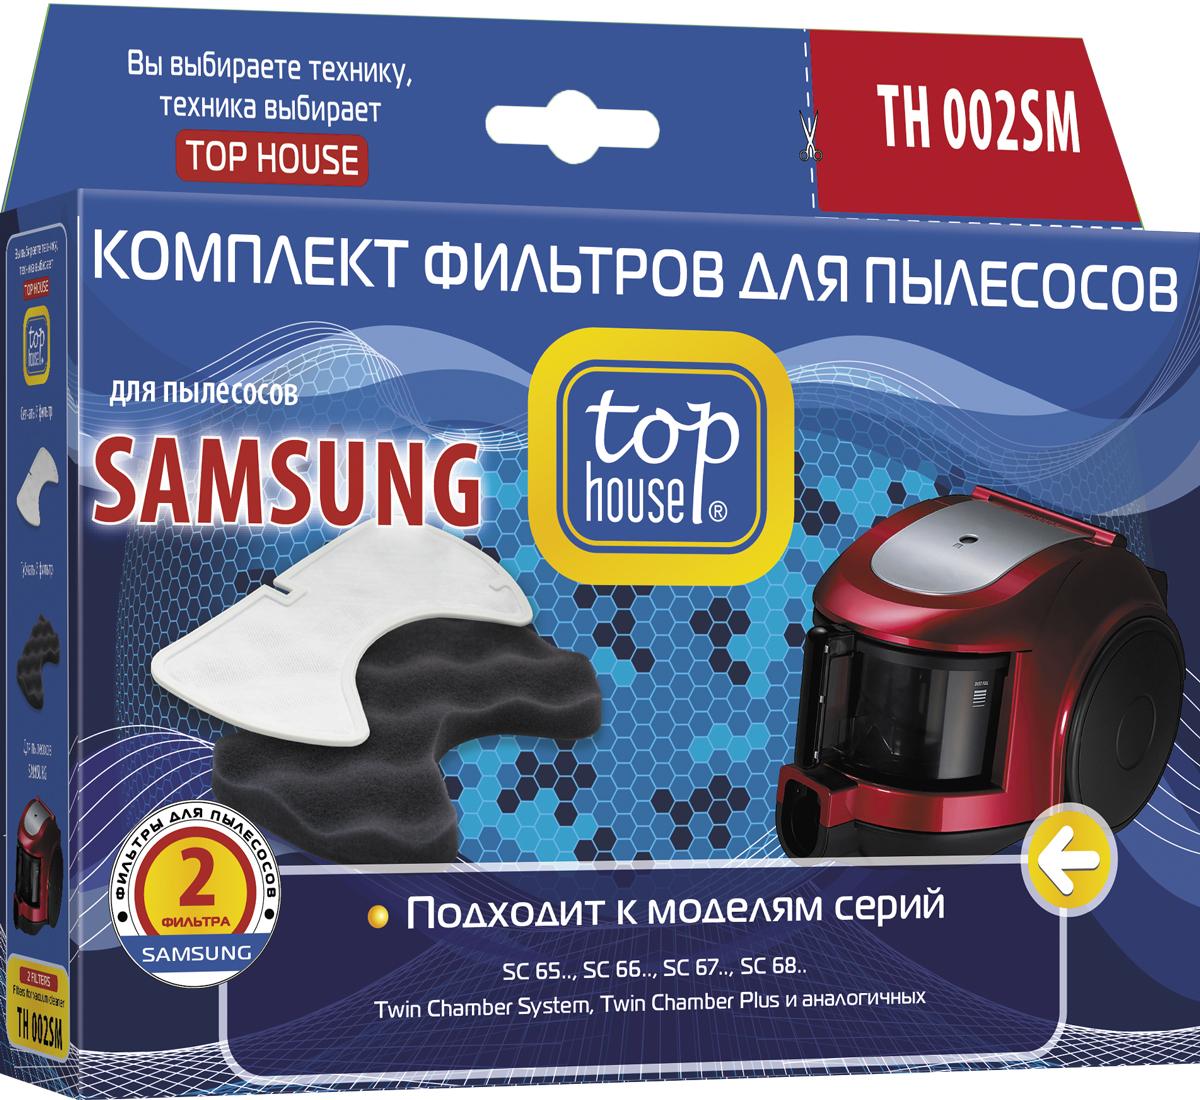 Top House TH 002SM комплект фильтров для пылесосов Samsung, 2 шт аксессуары для пылесосов bissell комплект насадок из микрофибры